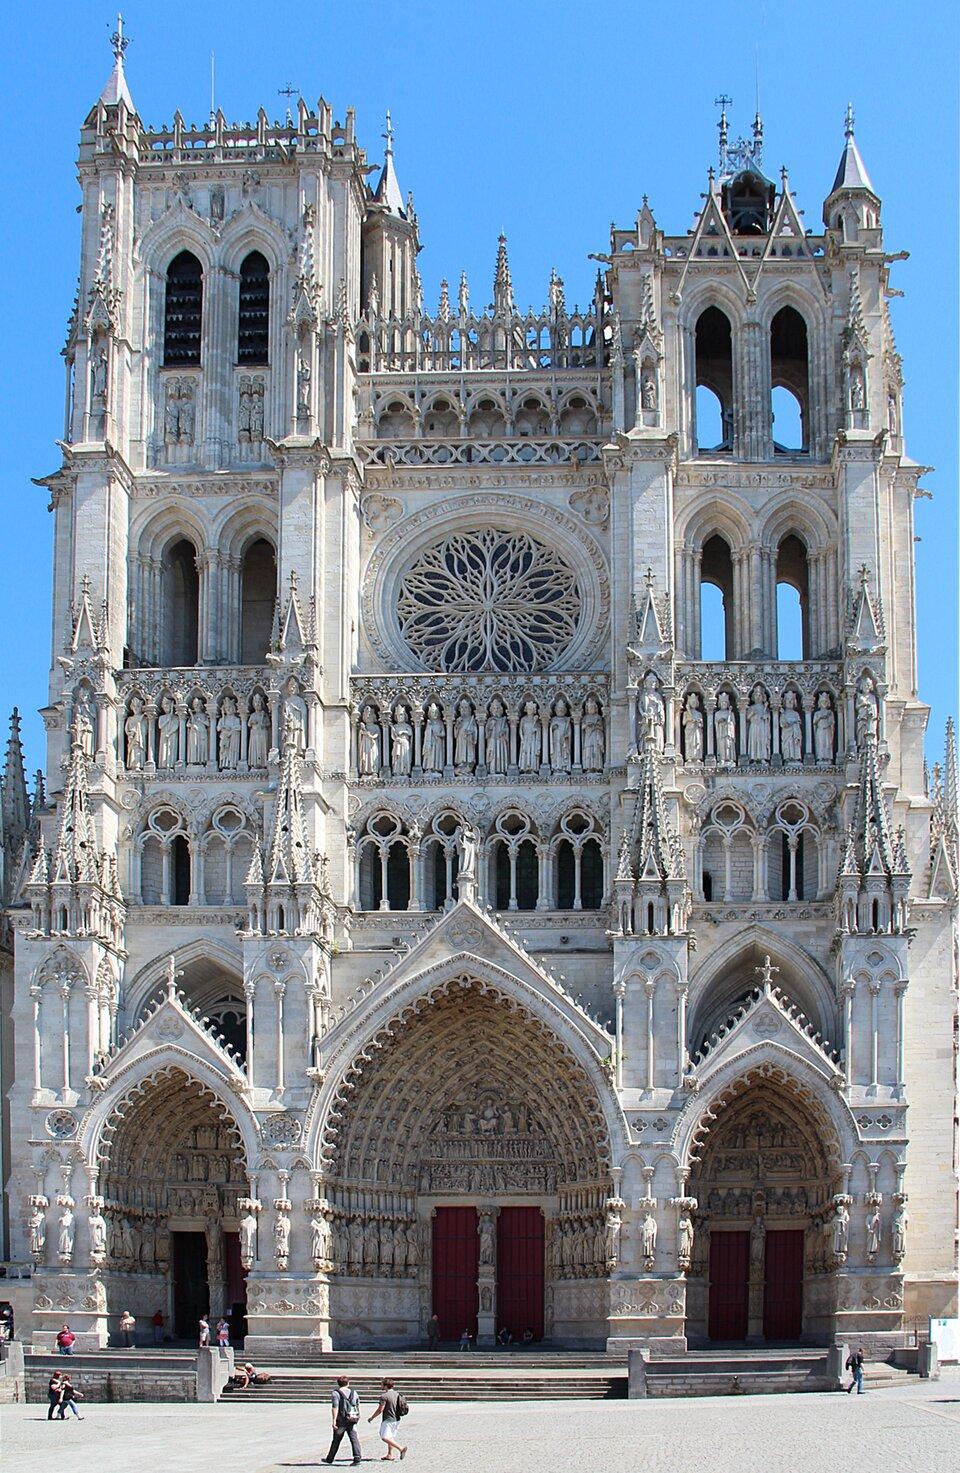 Amiens Źródło: Jean-Pol Grandmont, Amiens, 2012, licencja: CC BY 3.0.